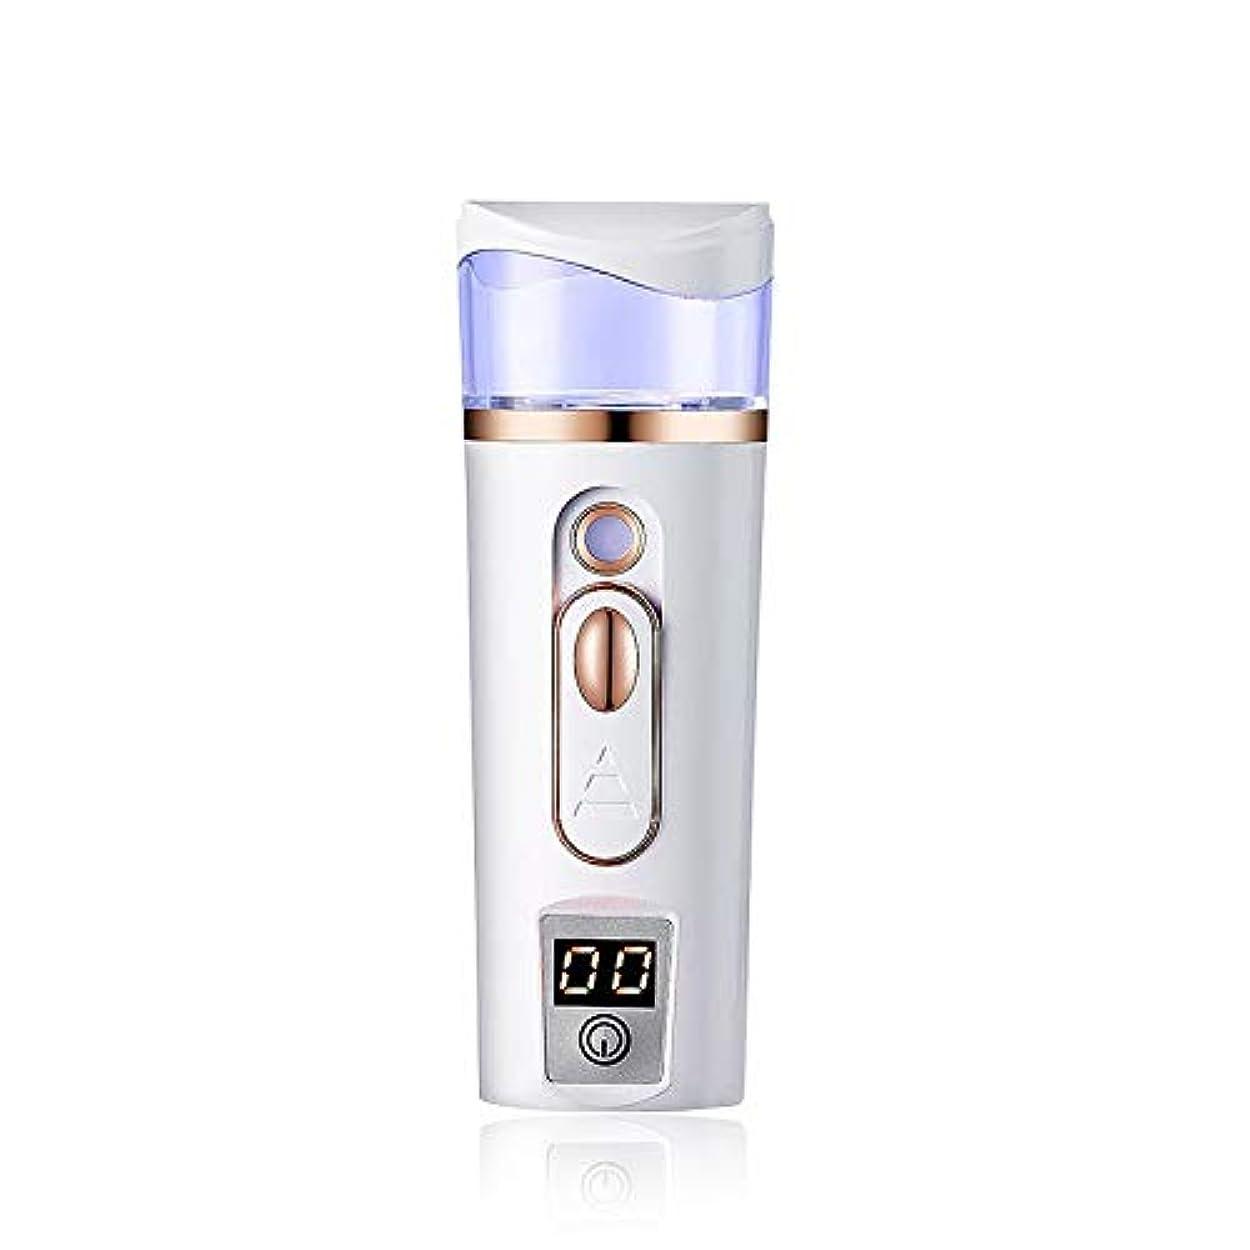 スリチンモイ気をつけて操作可能皮膚テスター、ナノフェイシャルスチーマー肌保湿ツール、USB充電式時限水不足防止,White